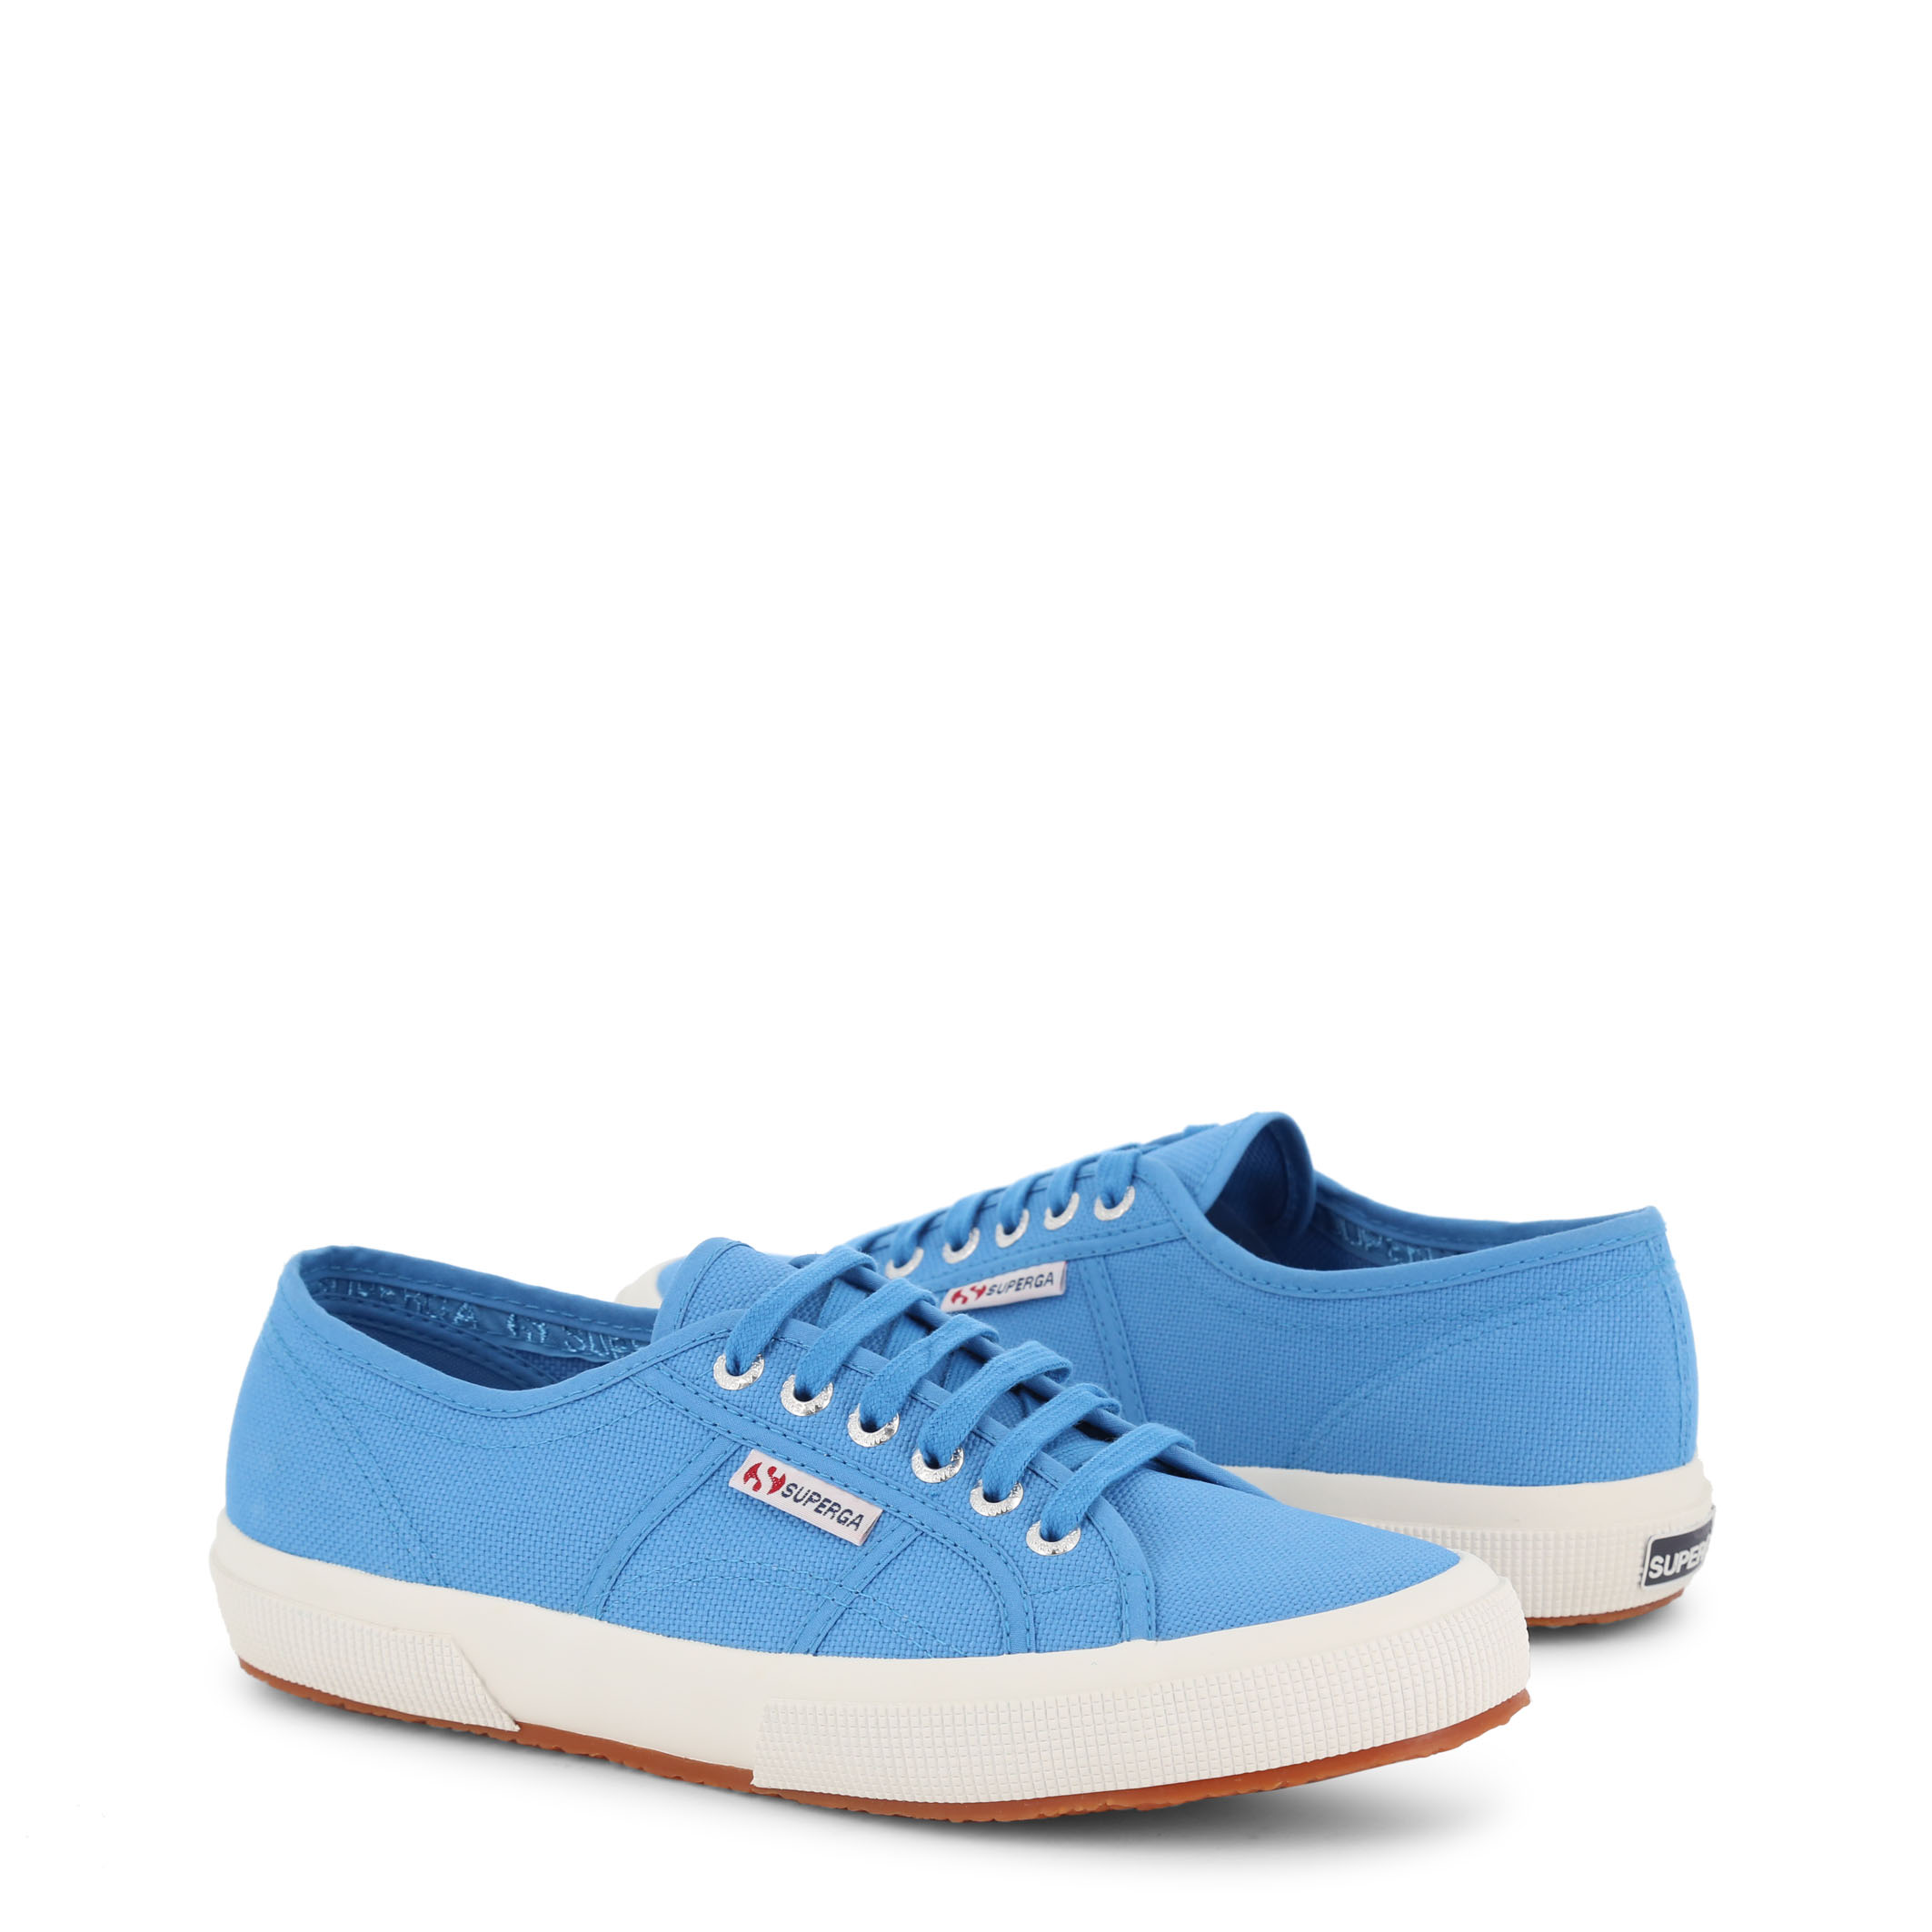 Chaussures de ville  Superga 2750-COTU-CLASSIC blue